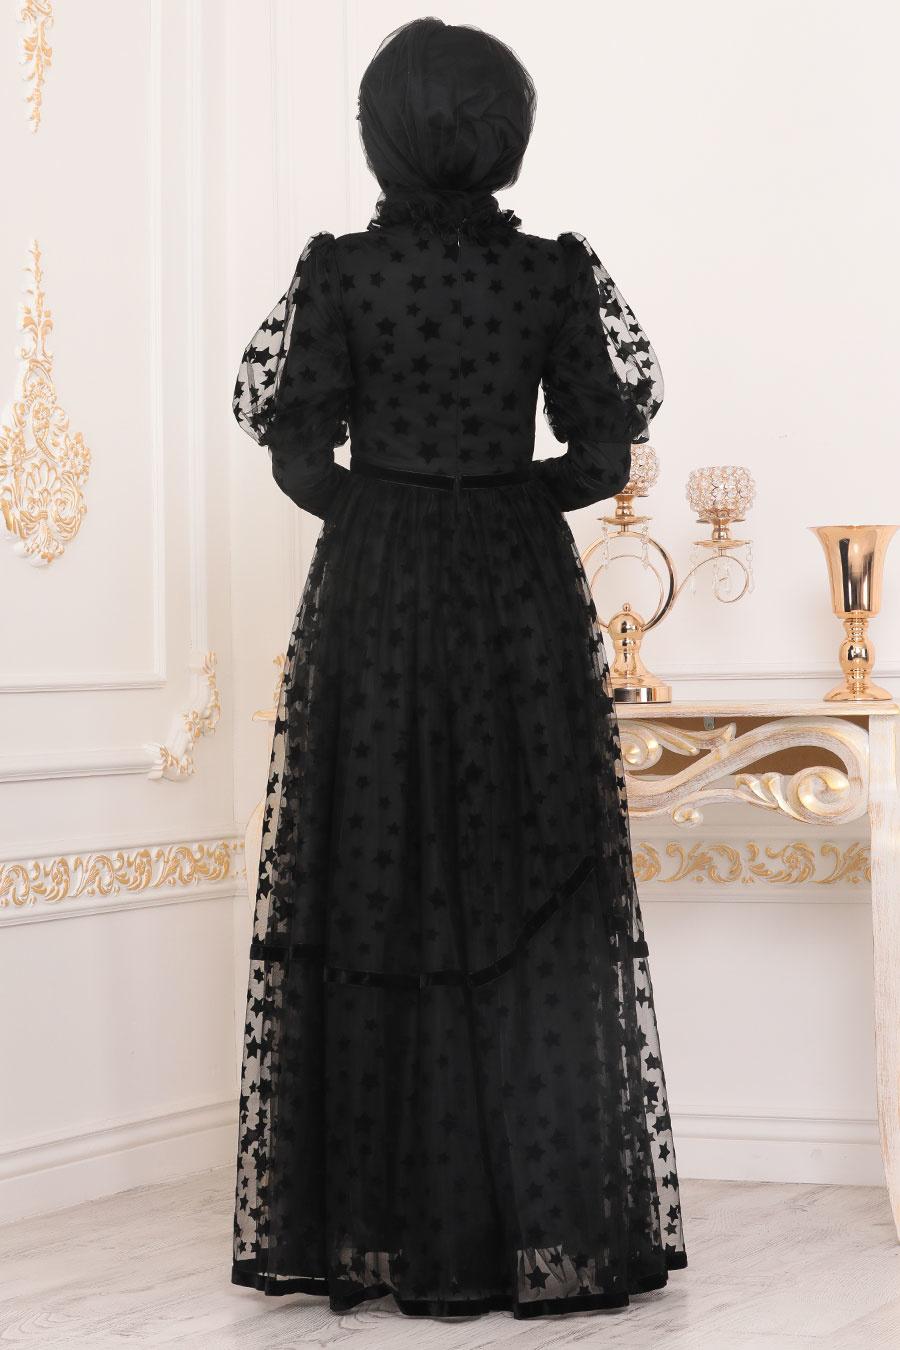 Tesettürlü Abiye Elbise - Yıldız Detaylı Siyah Tesettür Abiye Elbise 40361S